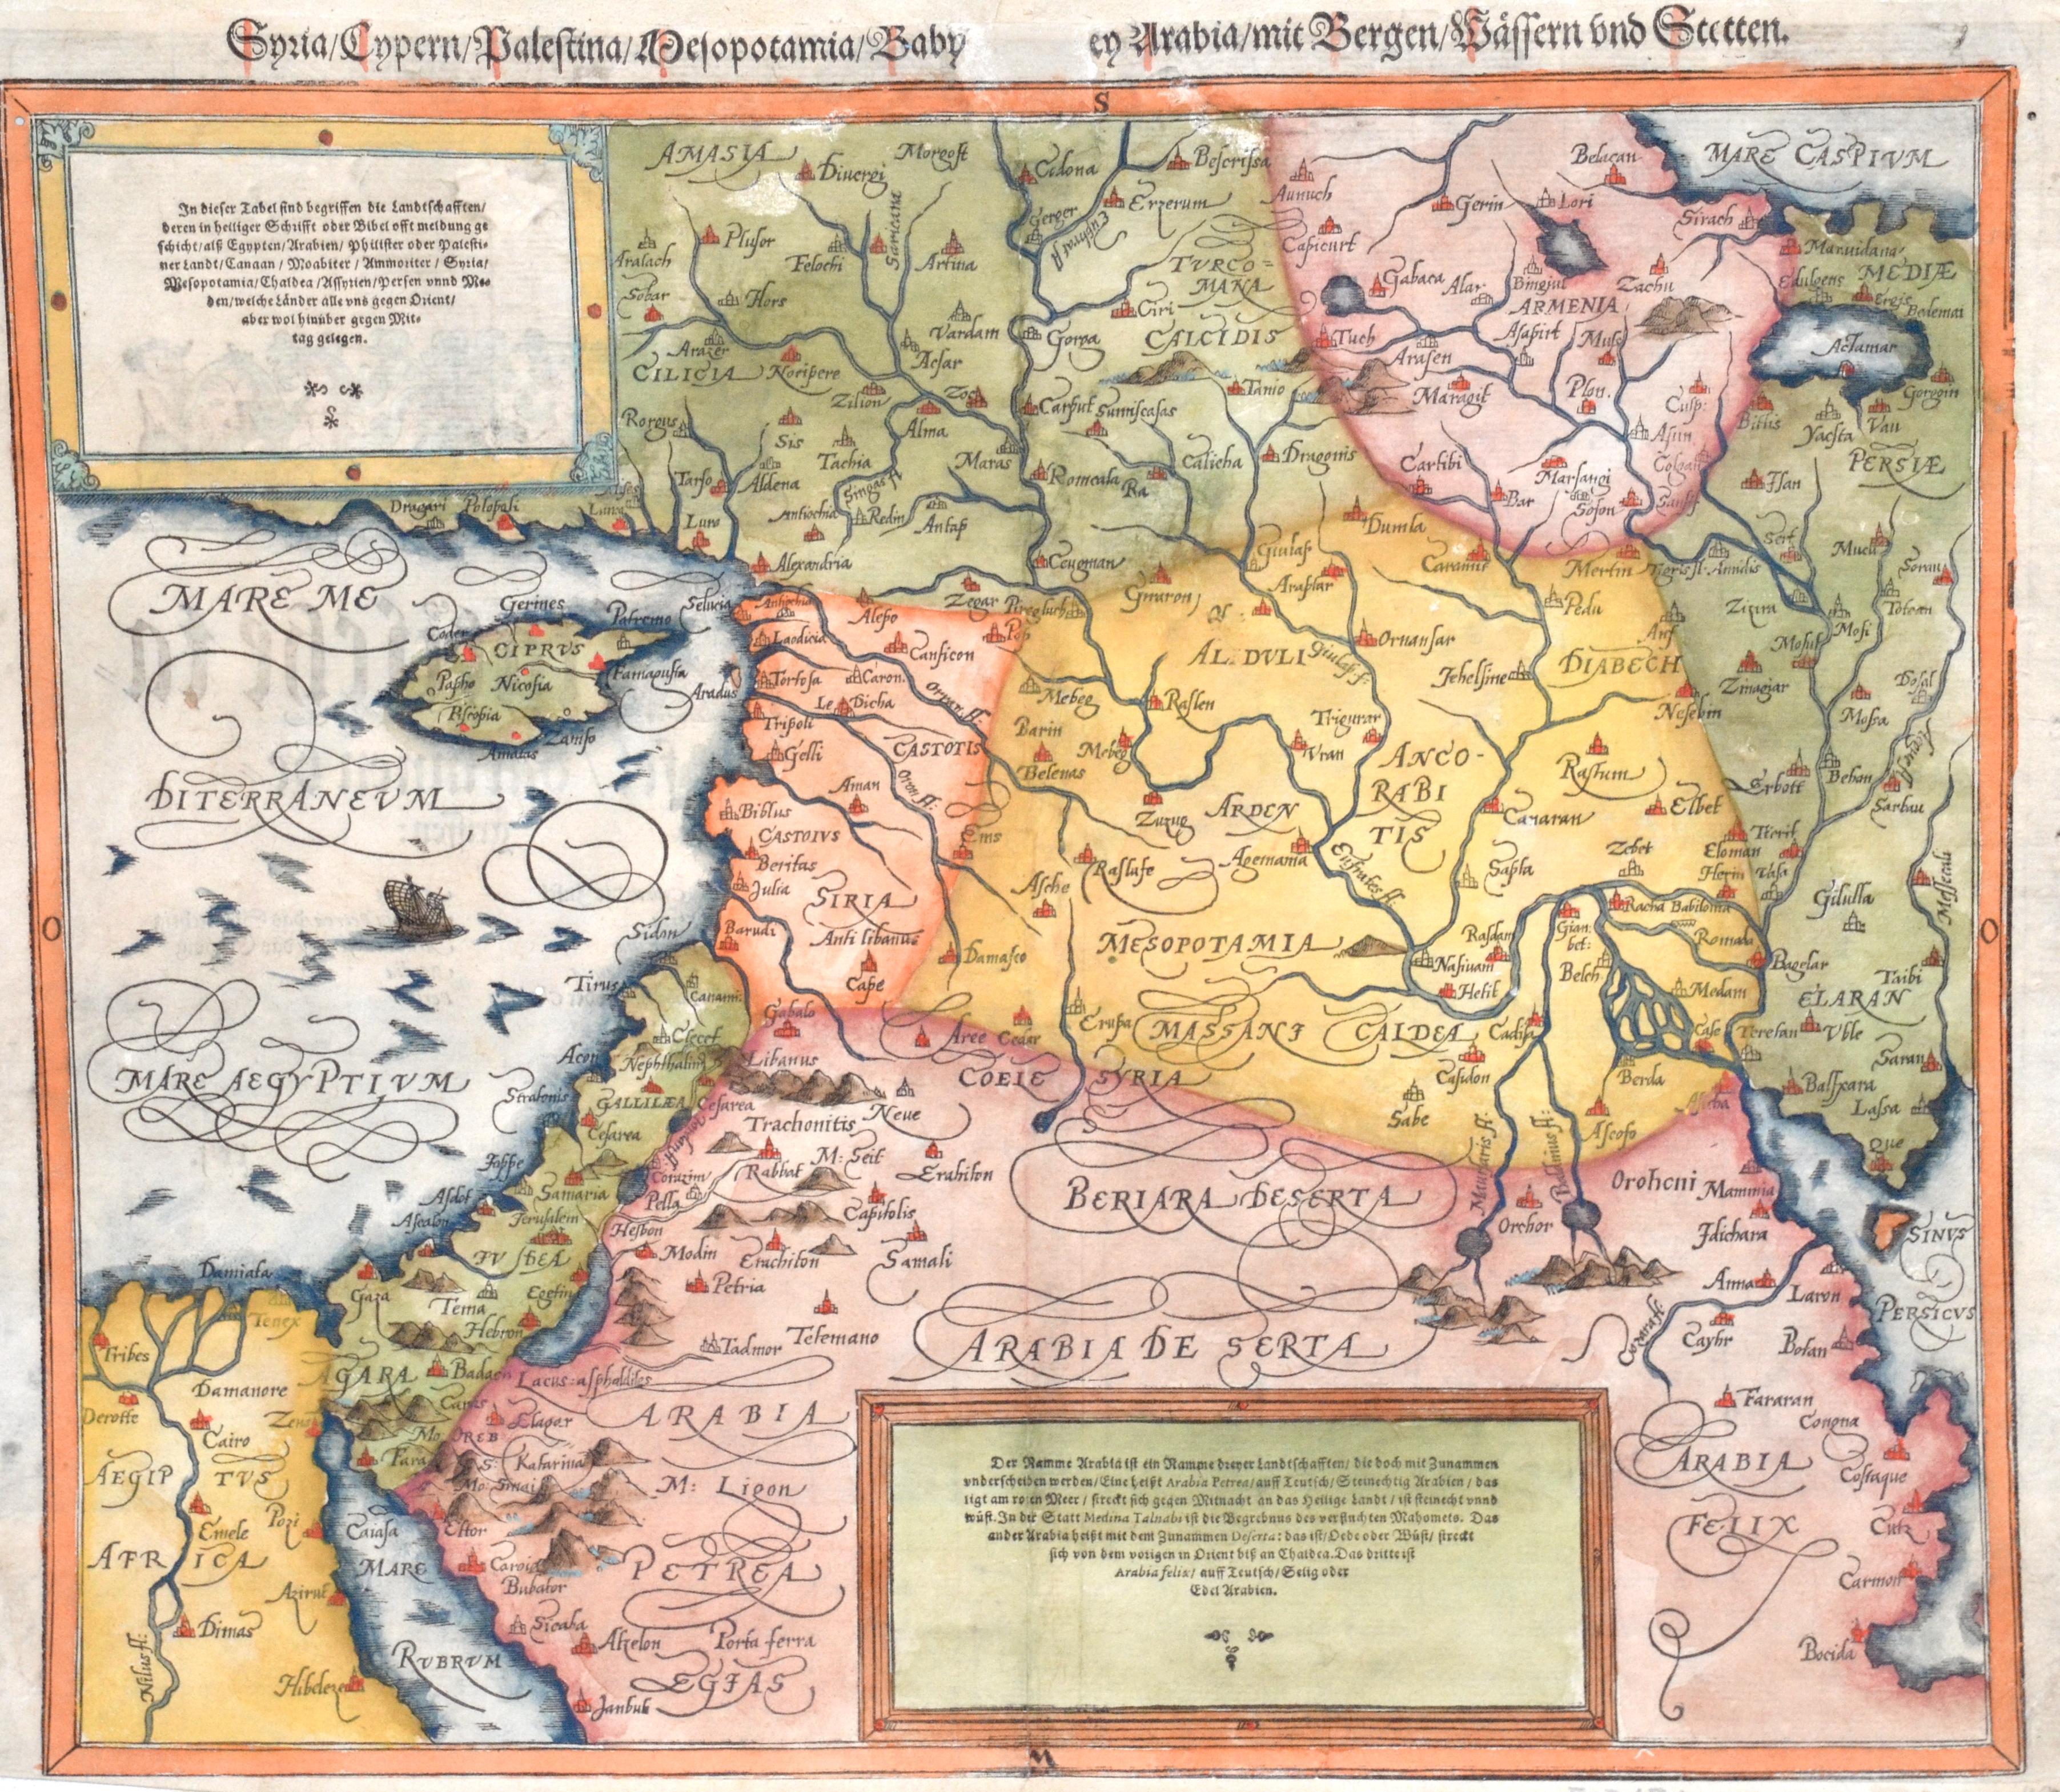 Münster  Syria/Cypern/Palestaina/Mesopotamia/Babilonia/Zwen Arabia/mit Bergen/Wesseren und Stetten